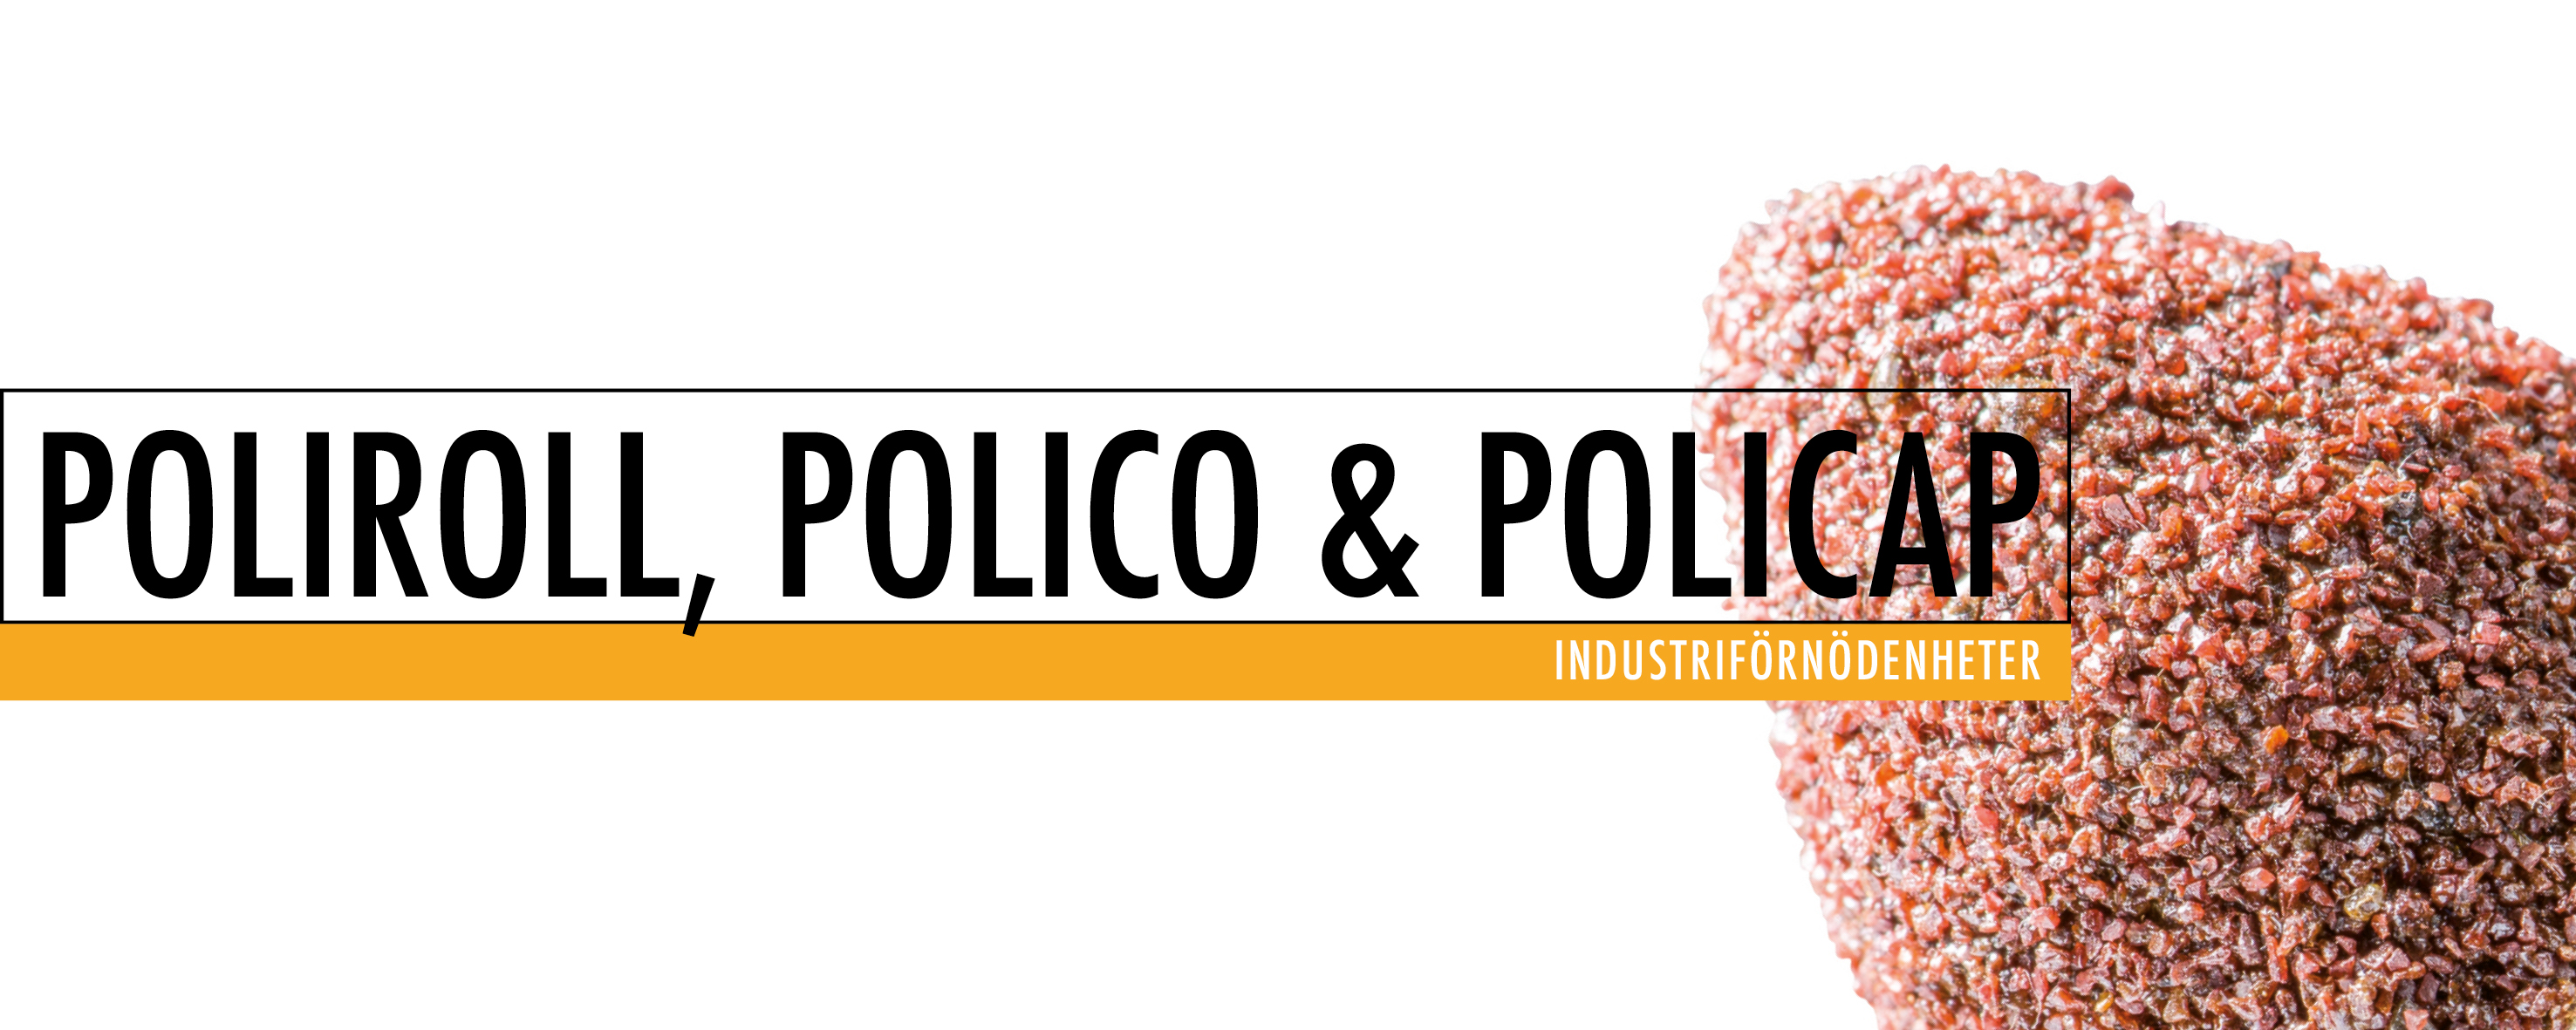 Poliroll, Polico & Policap